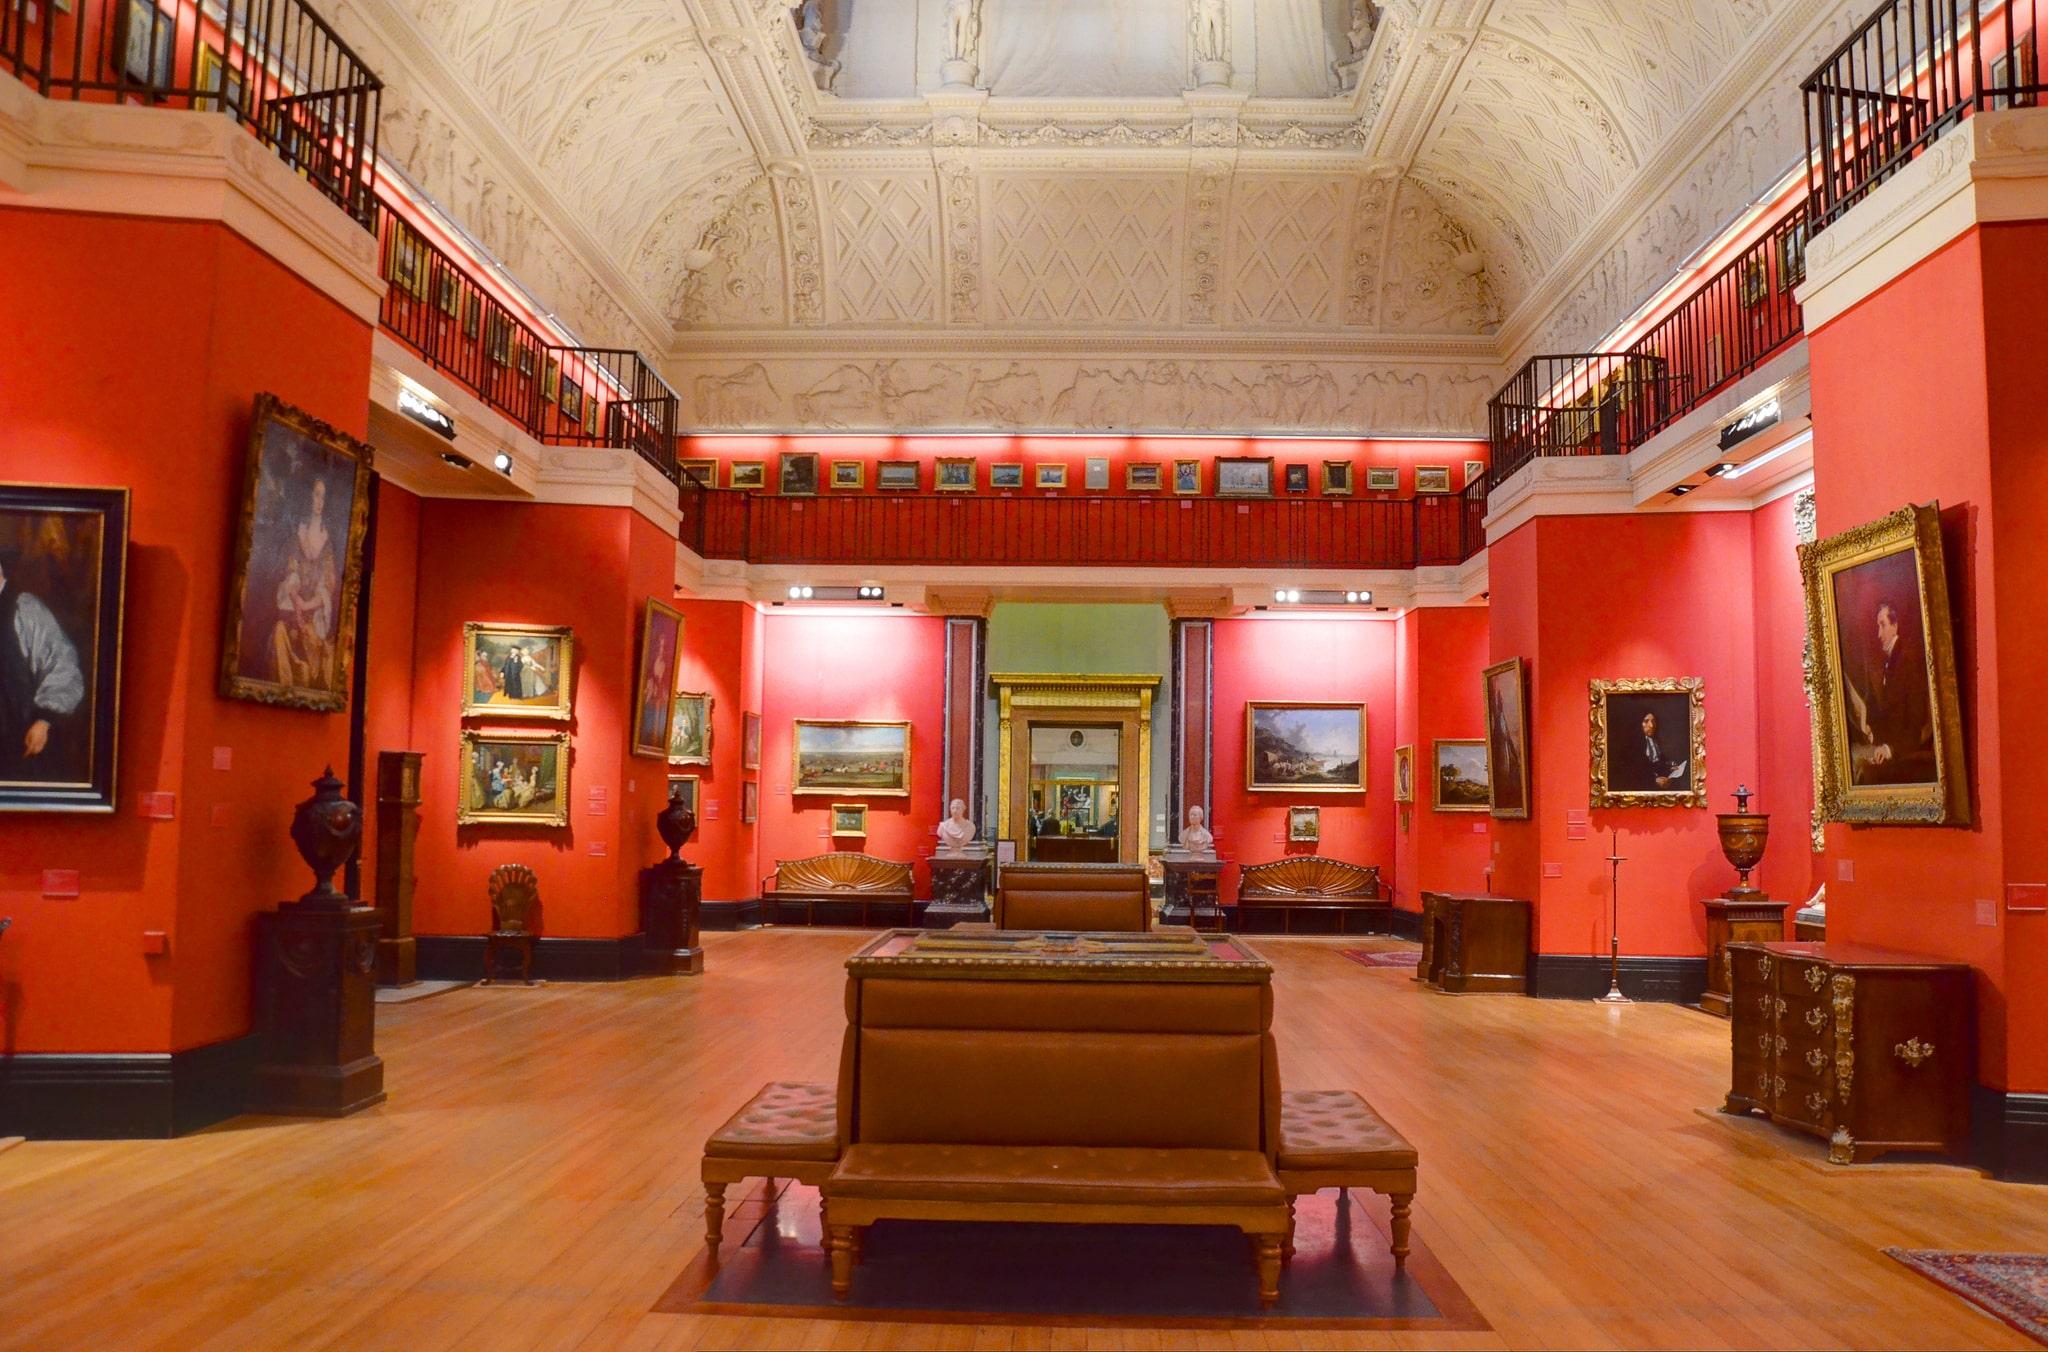 séjour linguistique angleterre cambridge musée